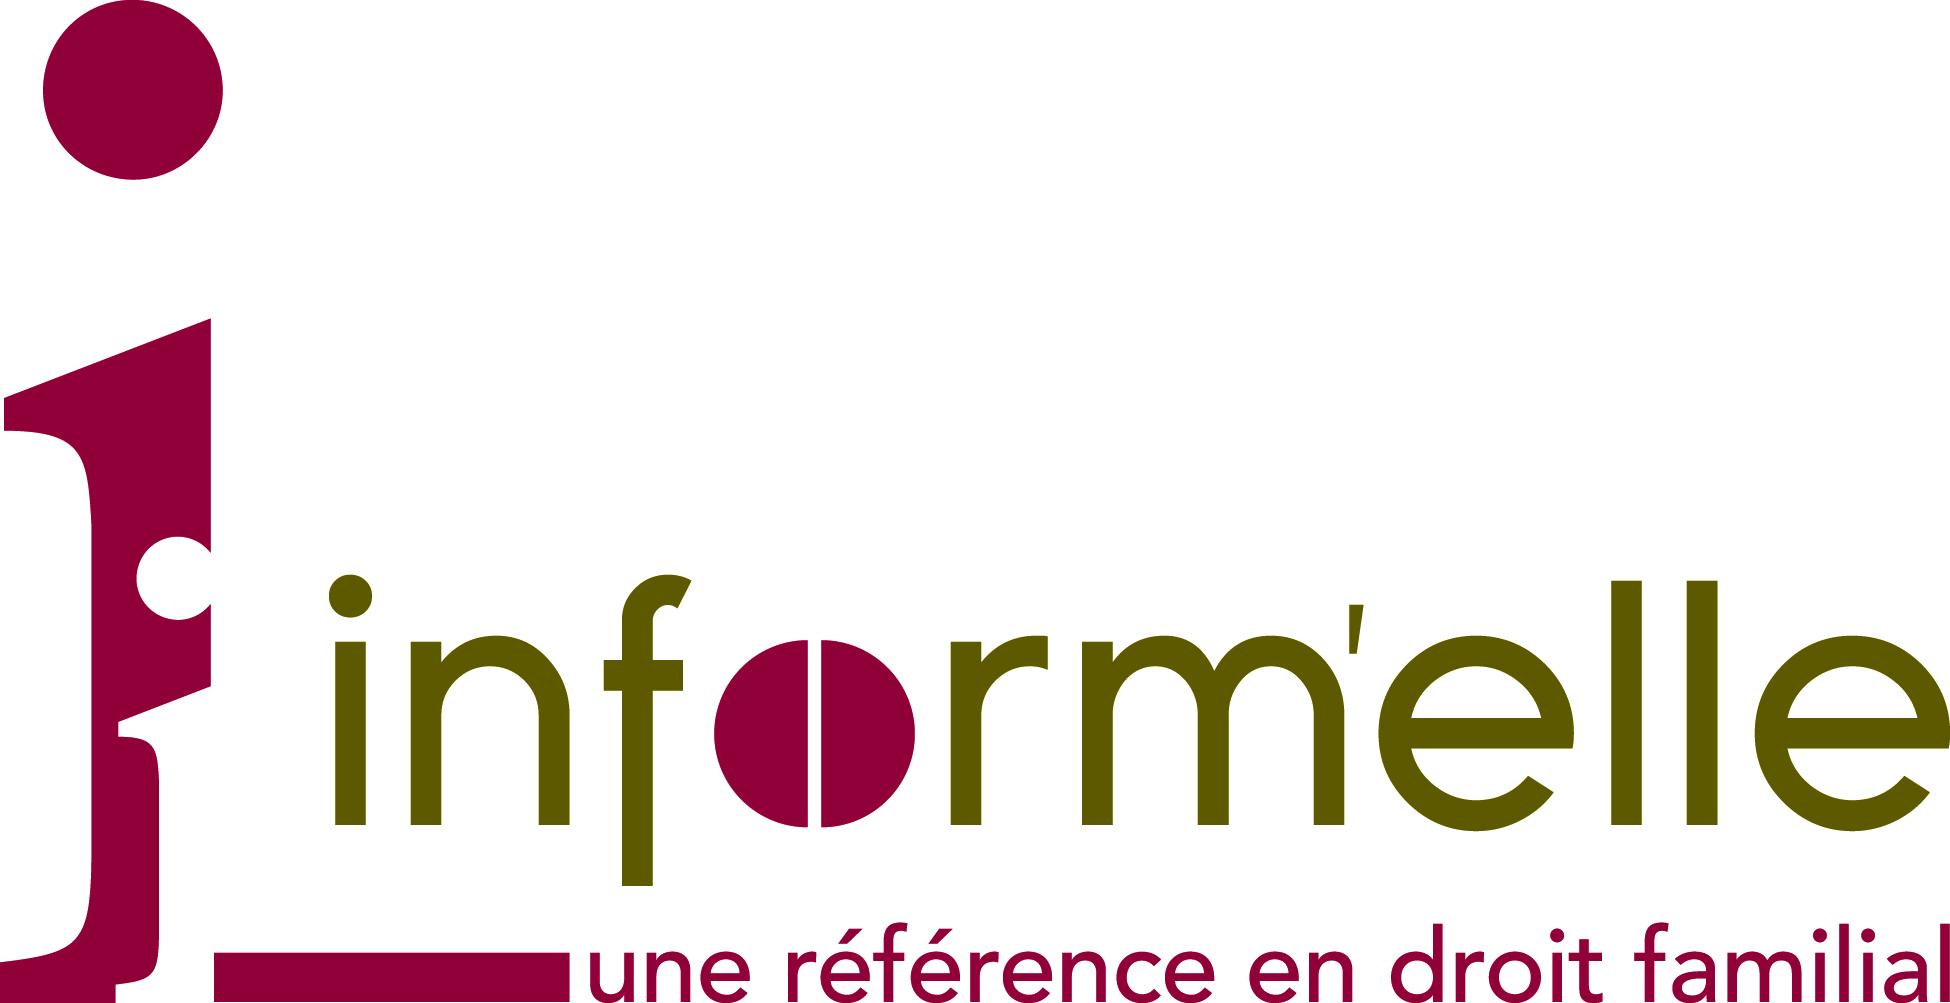 Sessions d'information juridique en droit familial chez Inform'elle